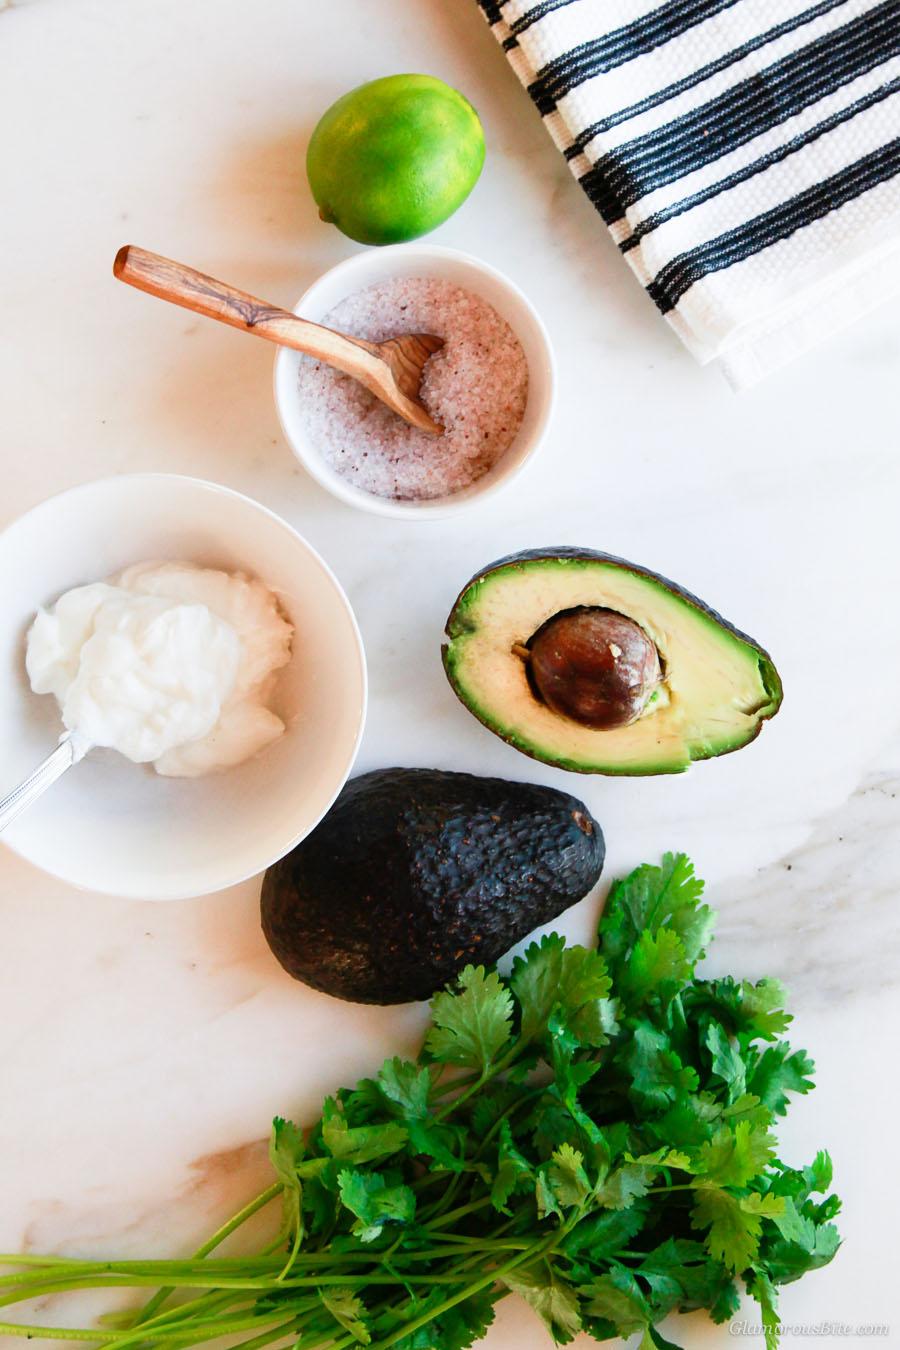 Avocado Crema Recipe Ingredients